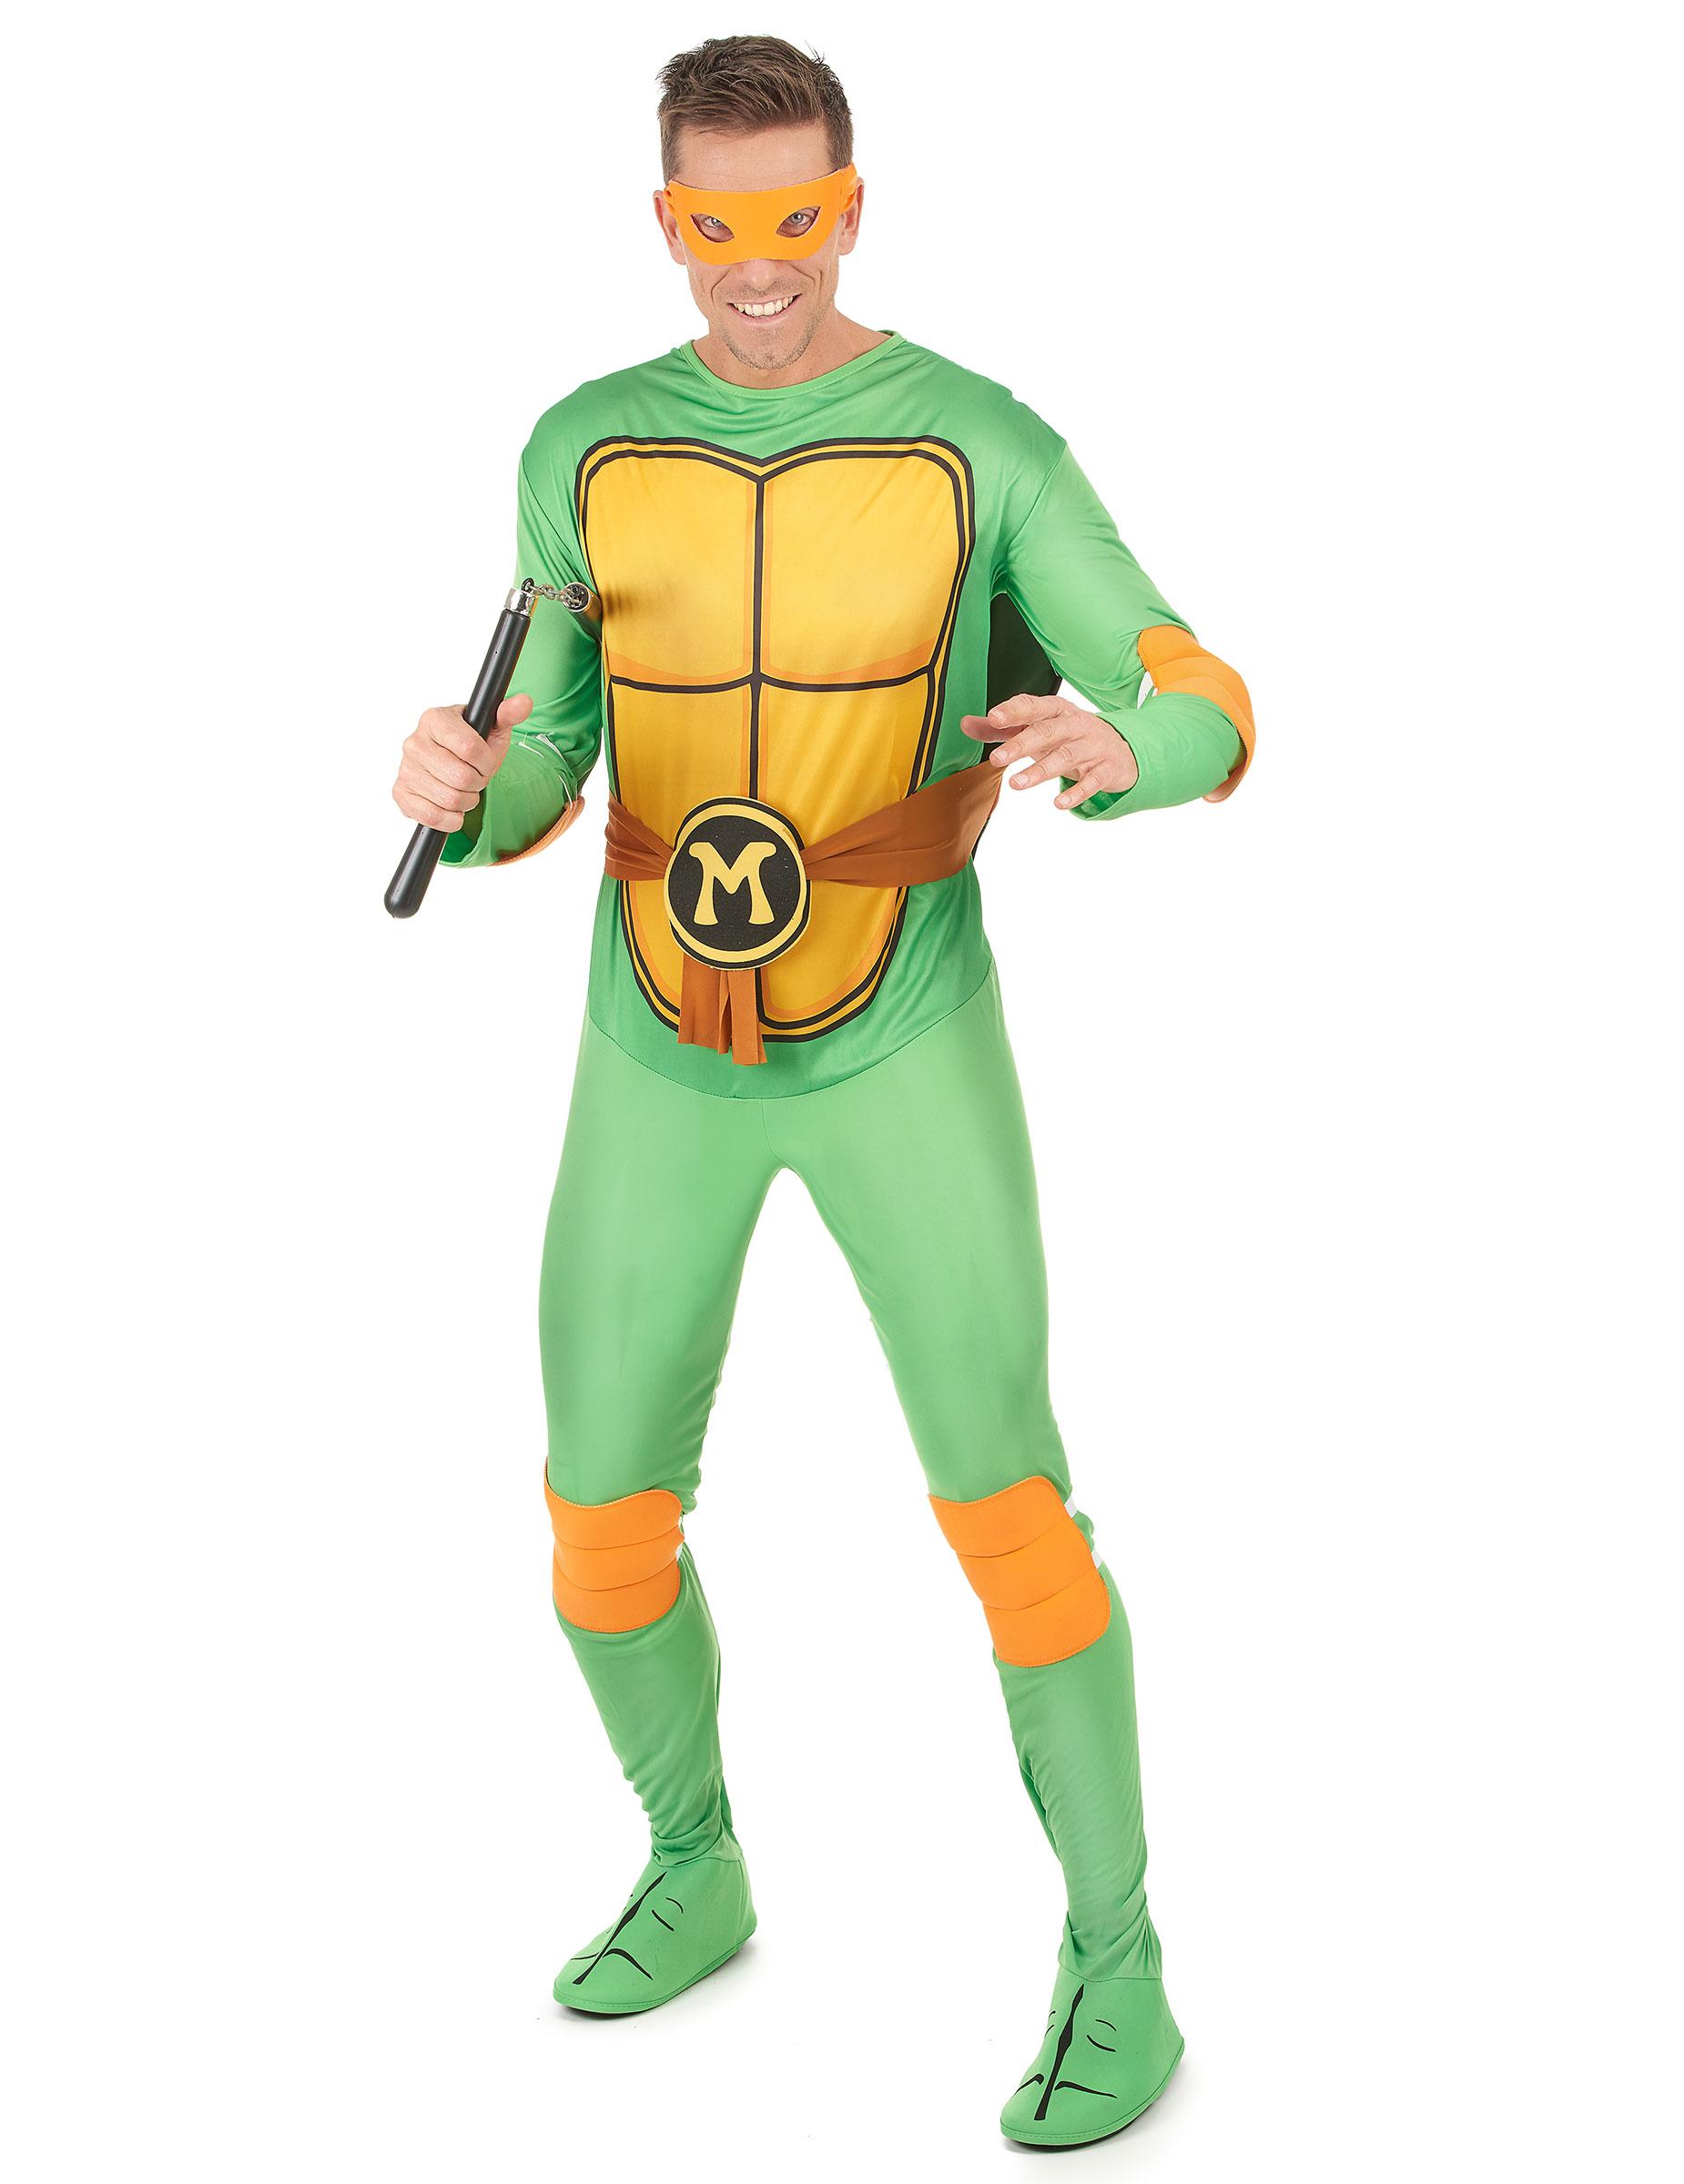 Fynda de snyggaste Turtles kostymerna för vuxna till maskeraden från ... 393daac1a2d3d